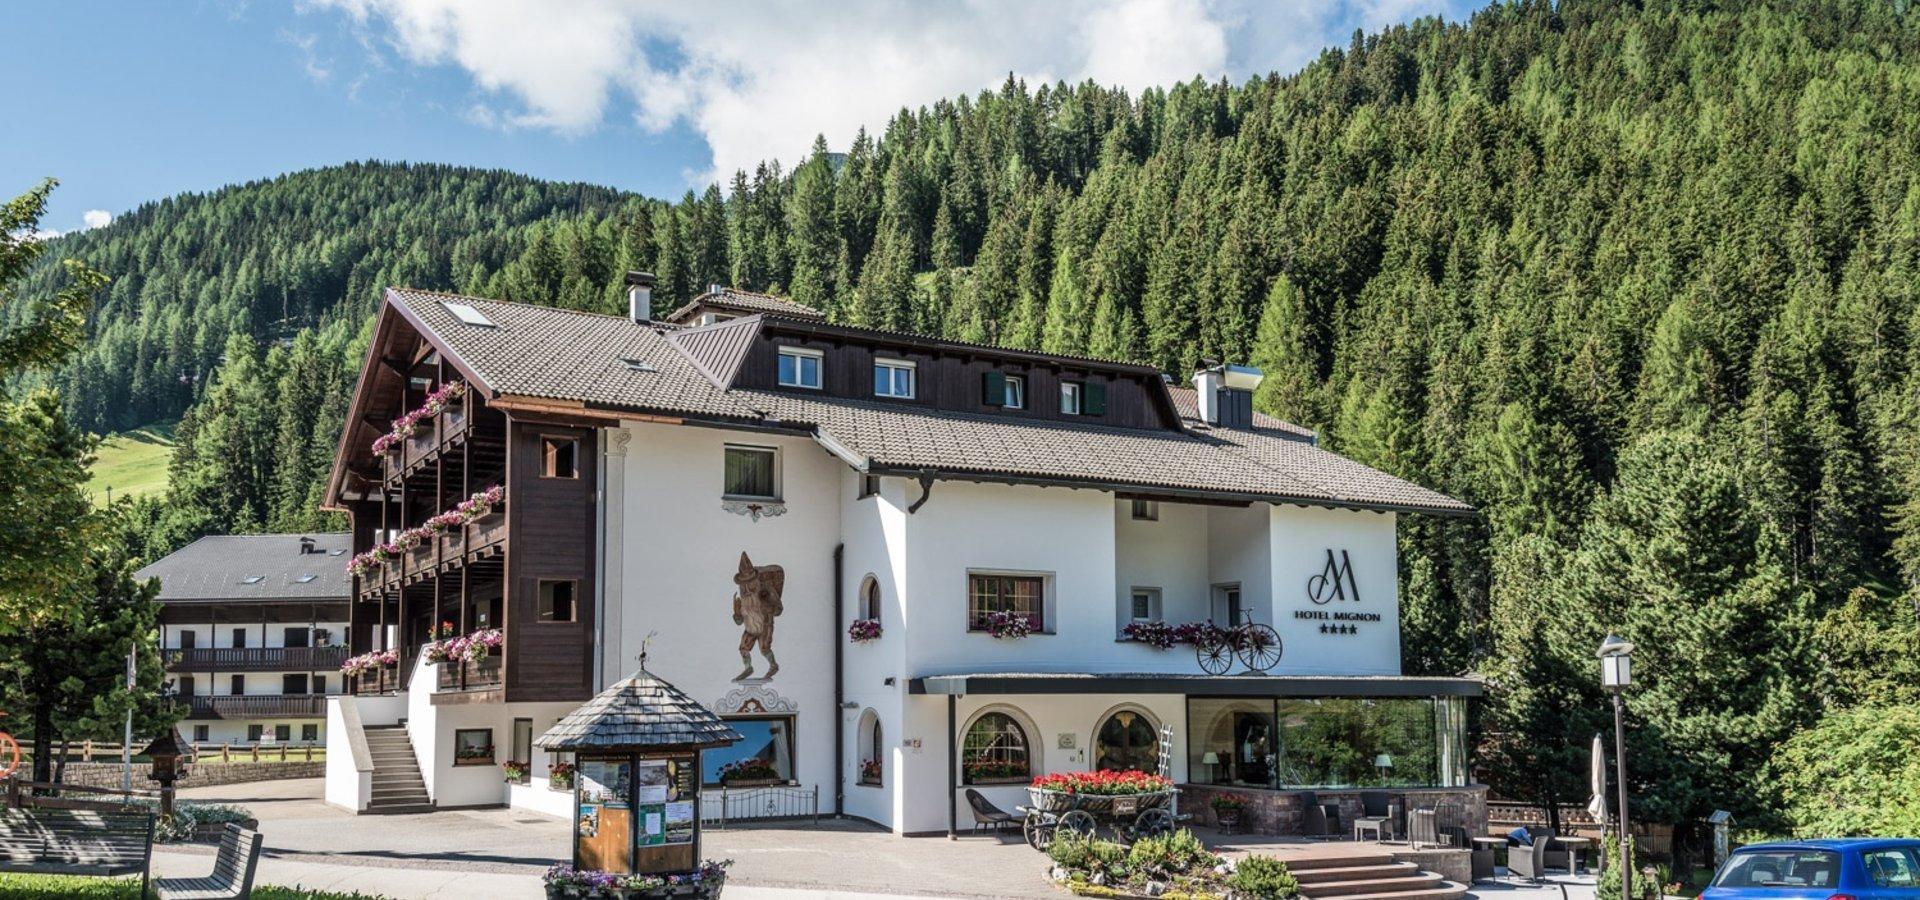 Hotel Mignon - Wolkenstein in Gröden